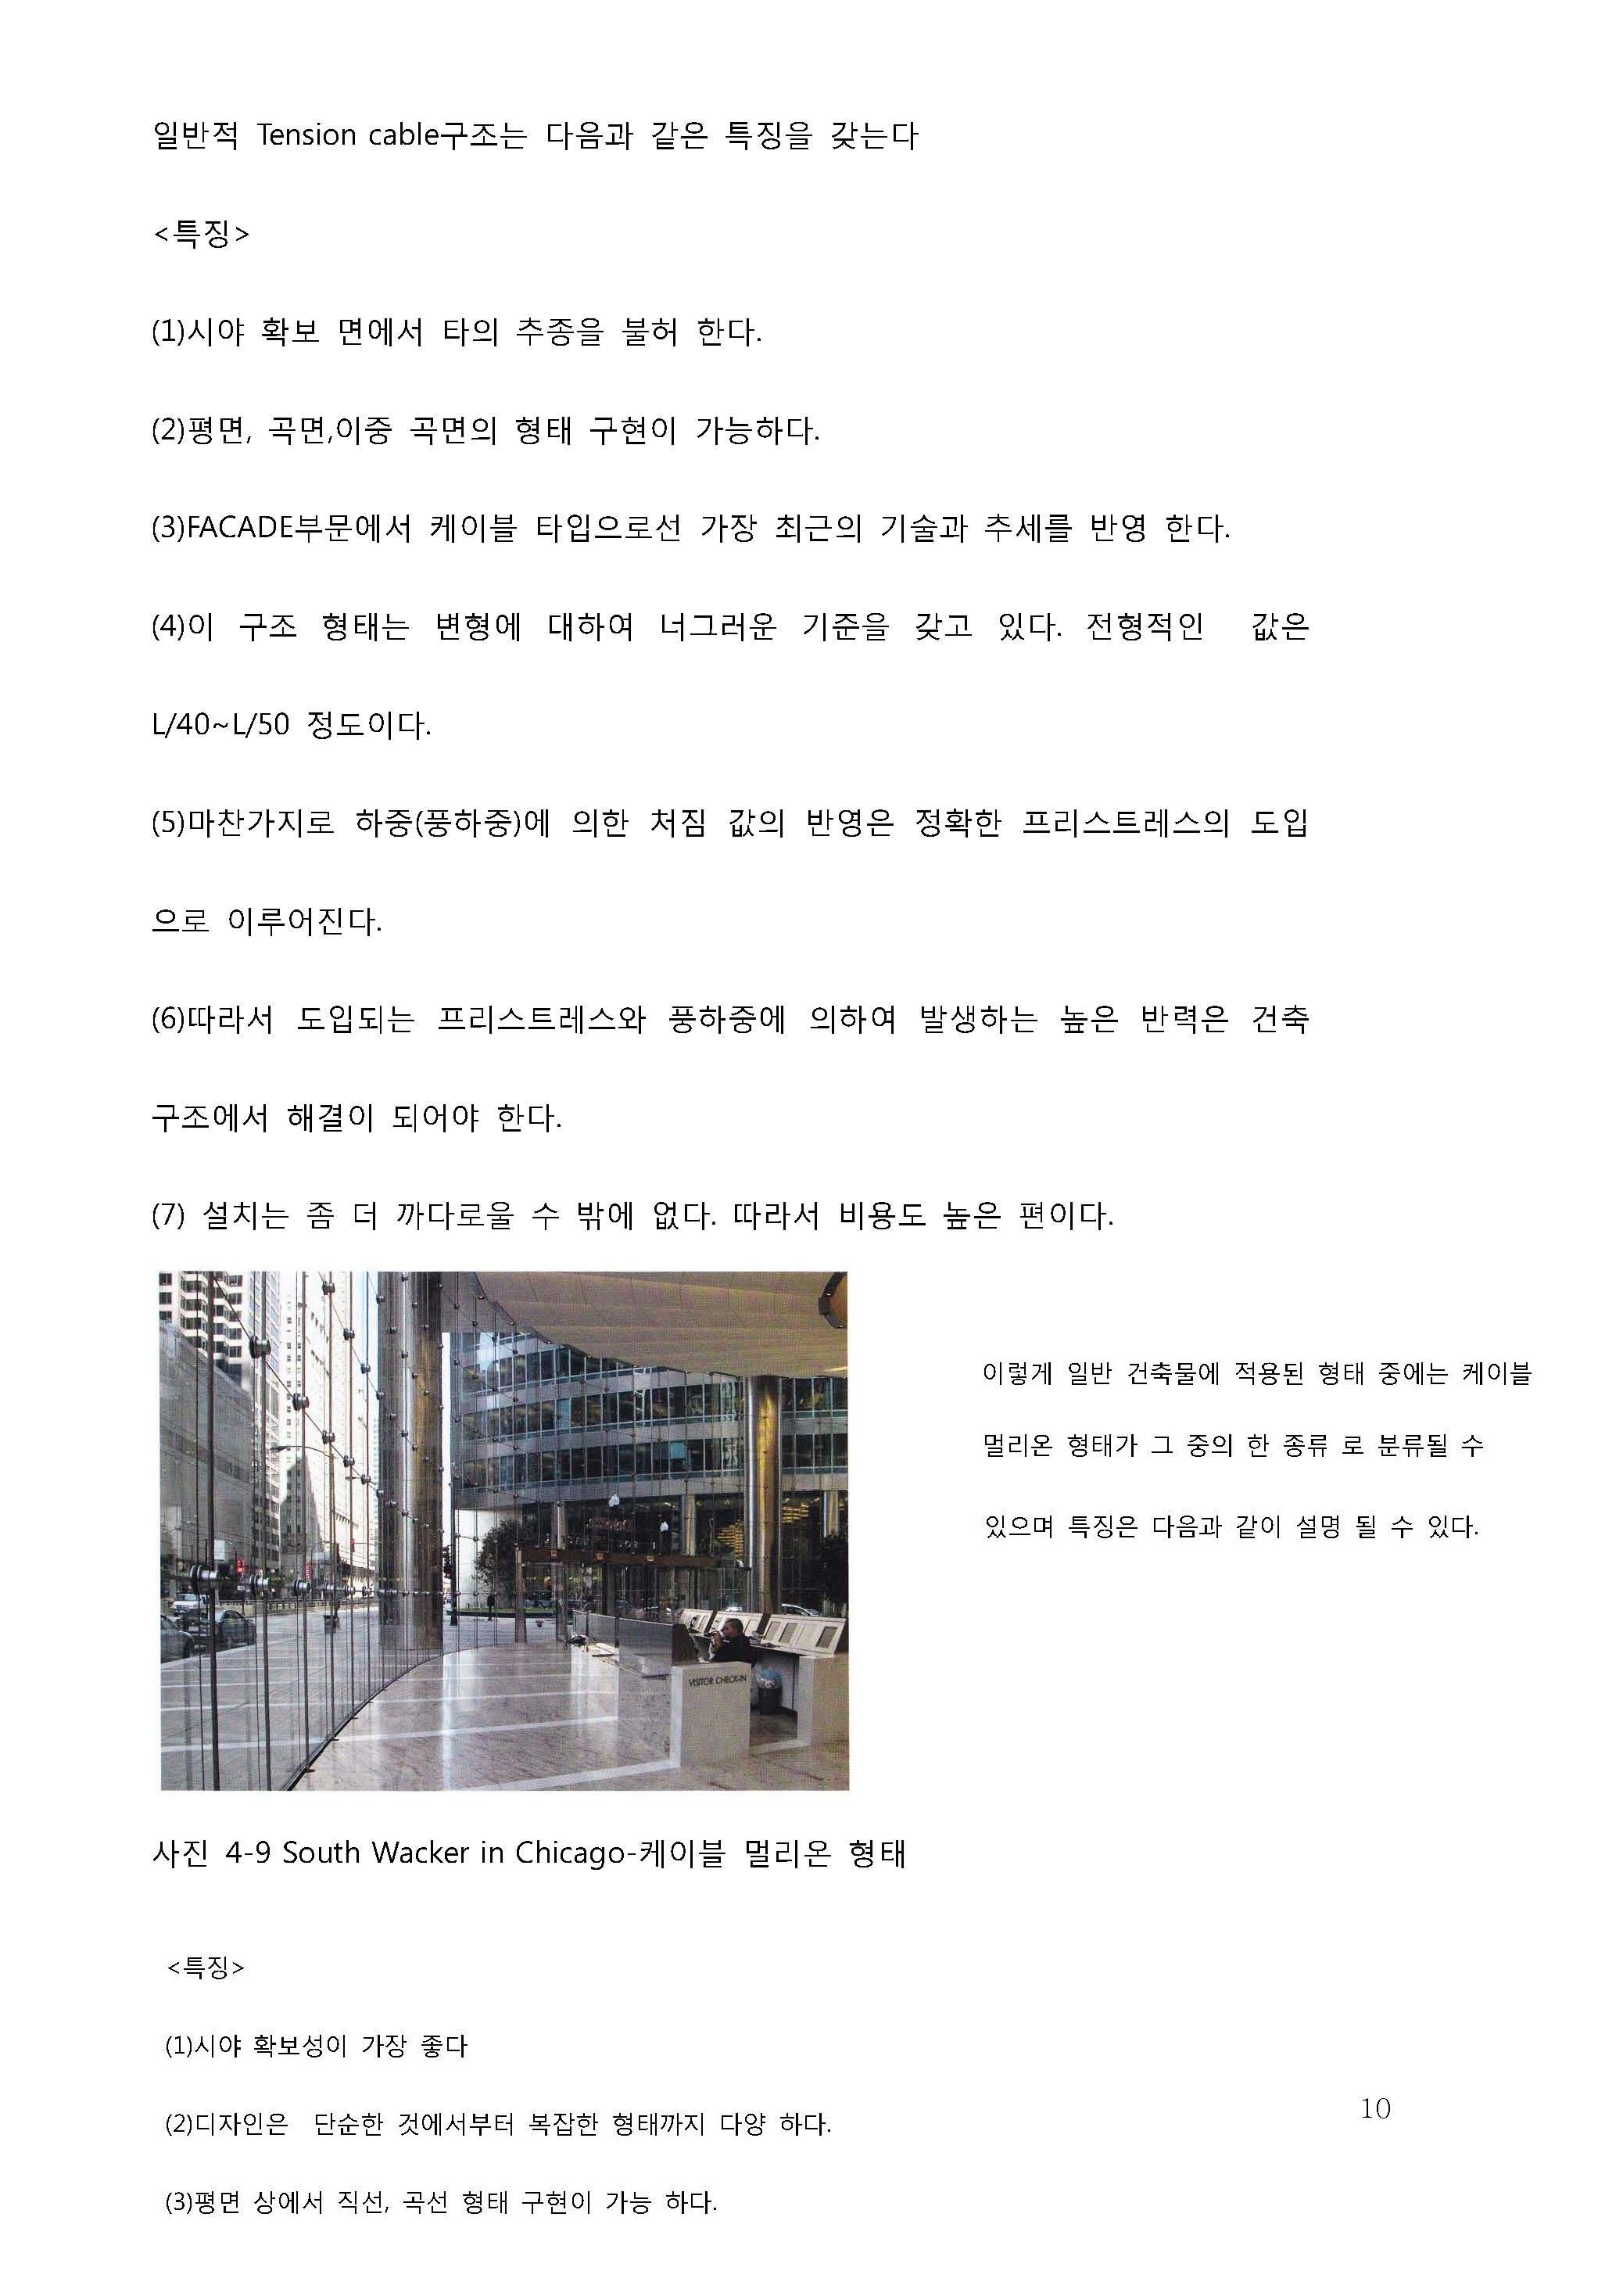 구조용 유리의 분류_페이지_10.jpg